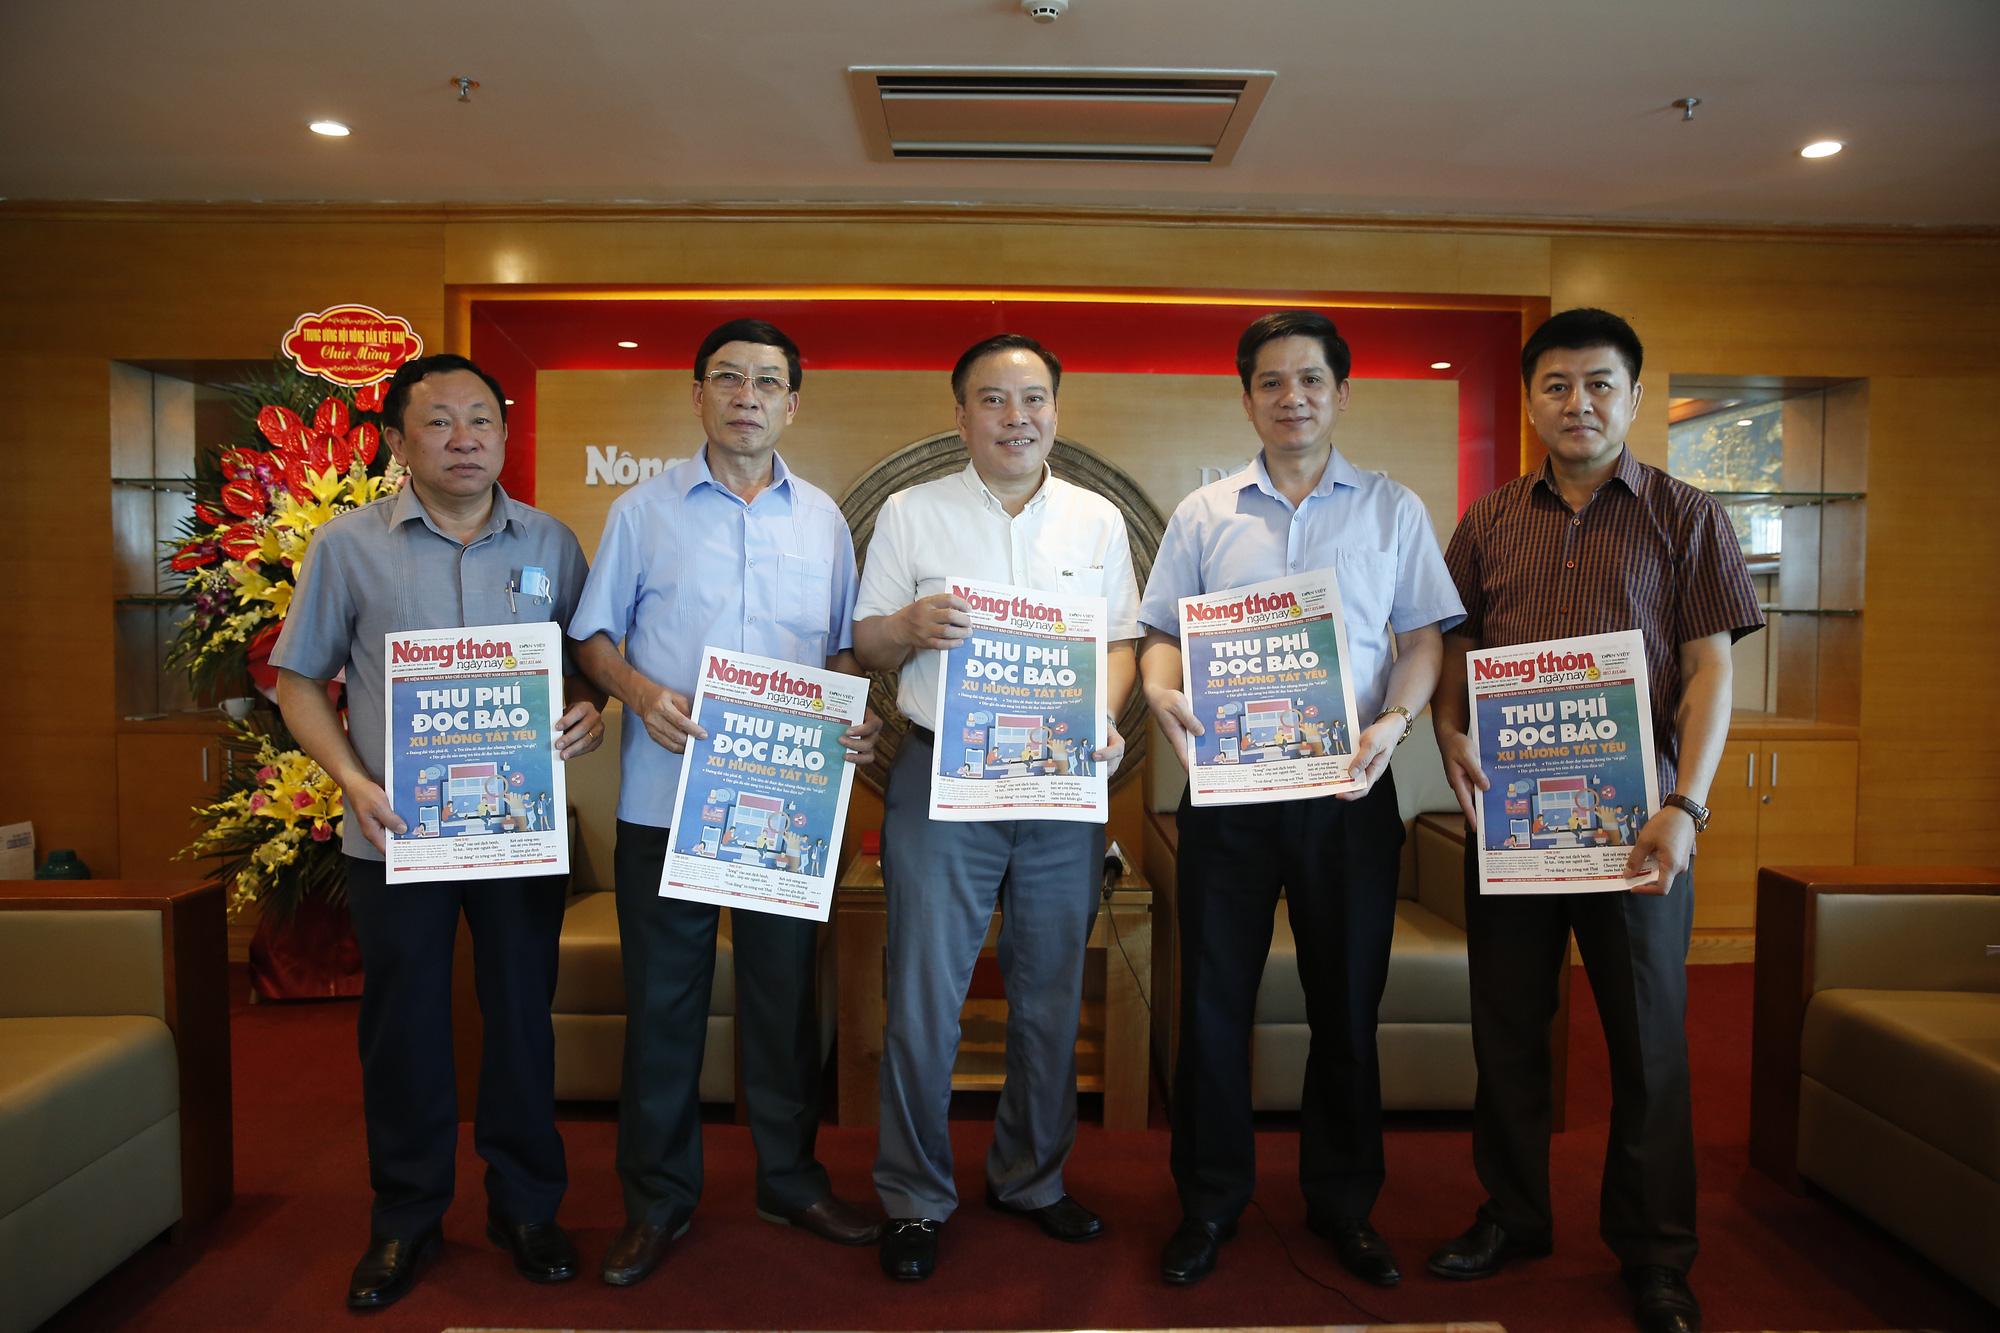 Lời cảm ơn của Báo NTNN/Dân Việt nhân kỷ niệm 96 năm Ngày Báo chí Cách mạng Việt Nam - Ảnh 2.